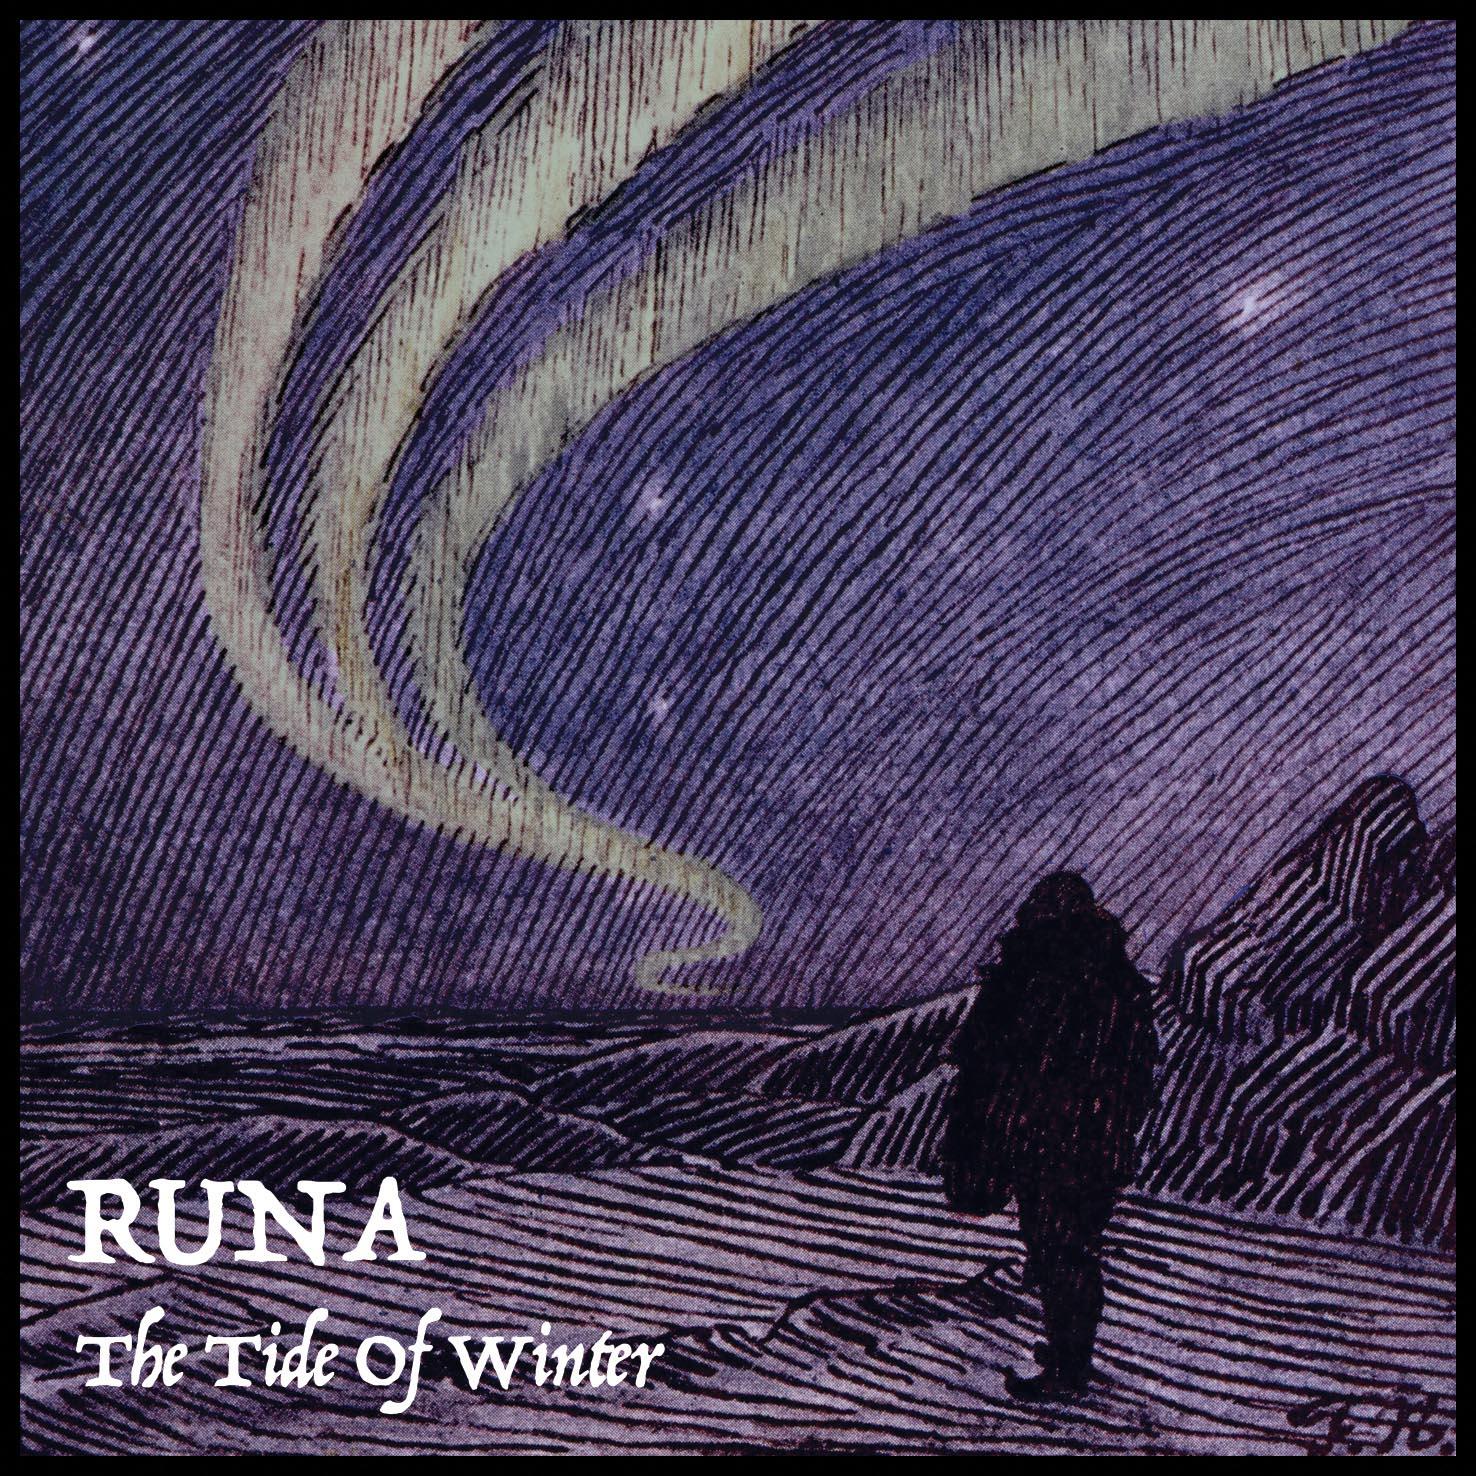 Runa ttow front page artwork